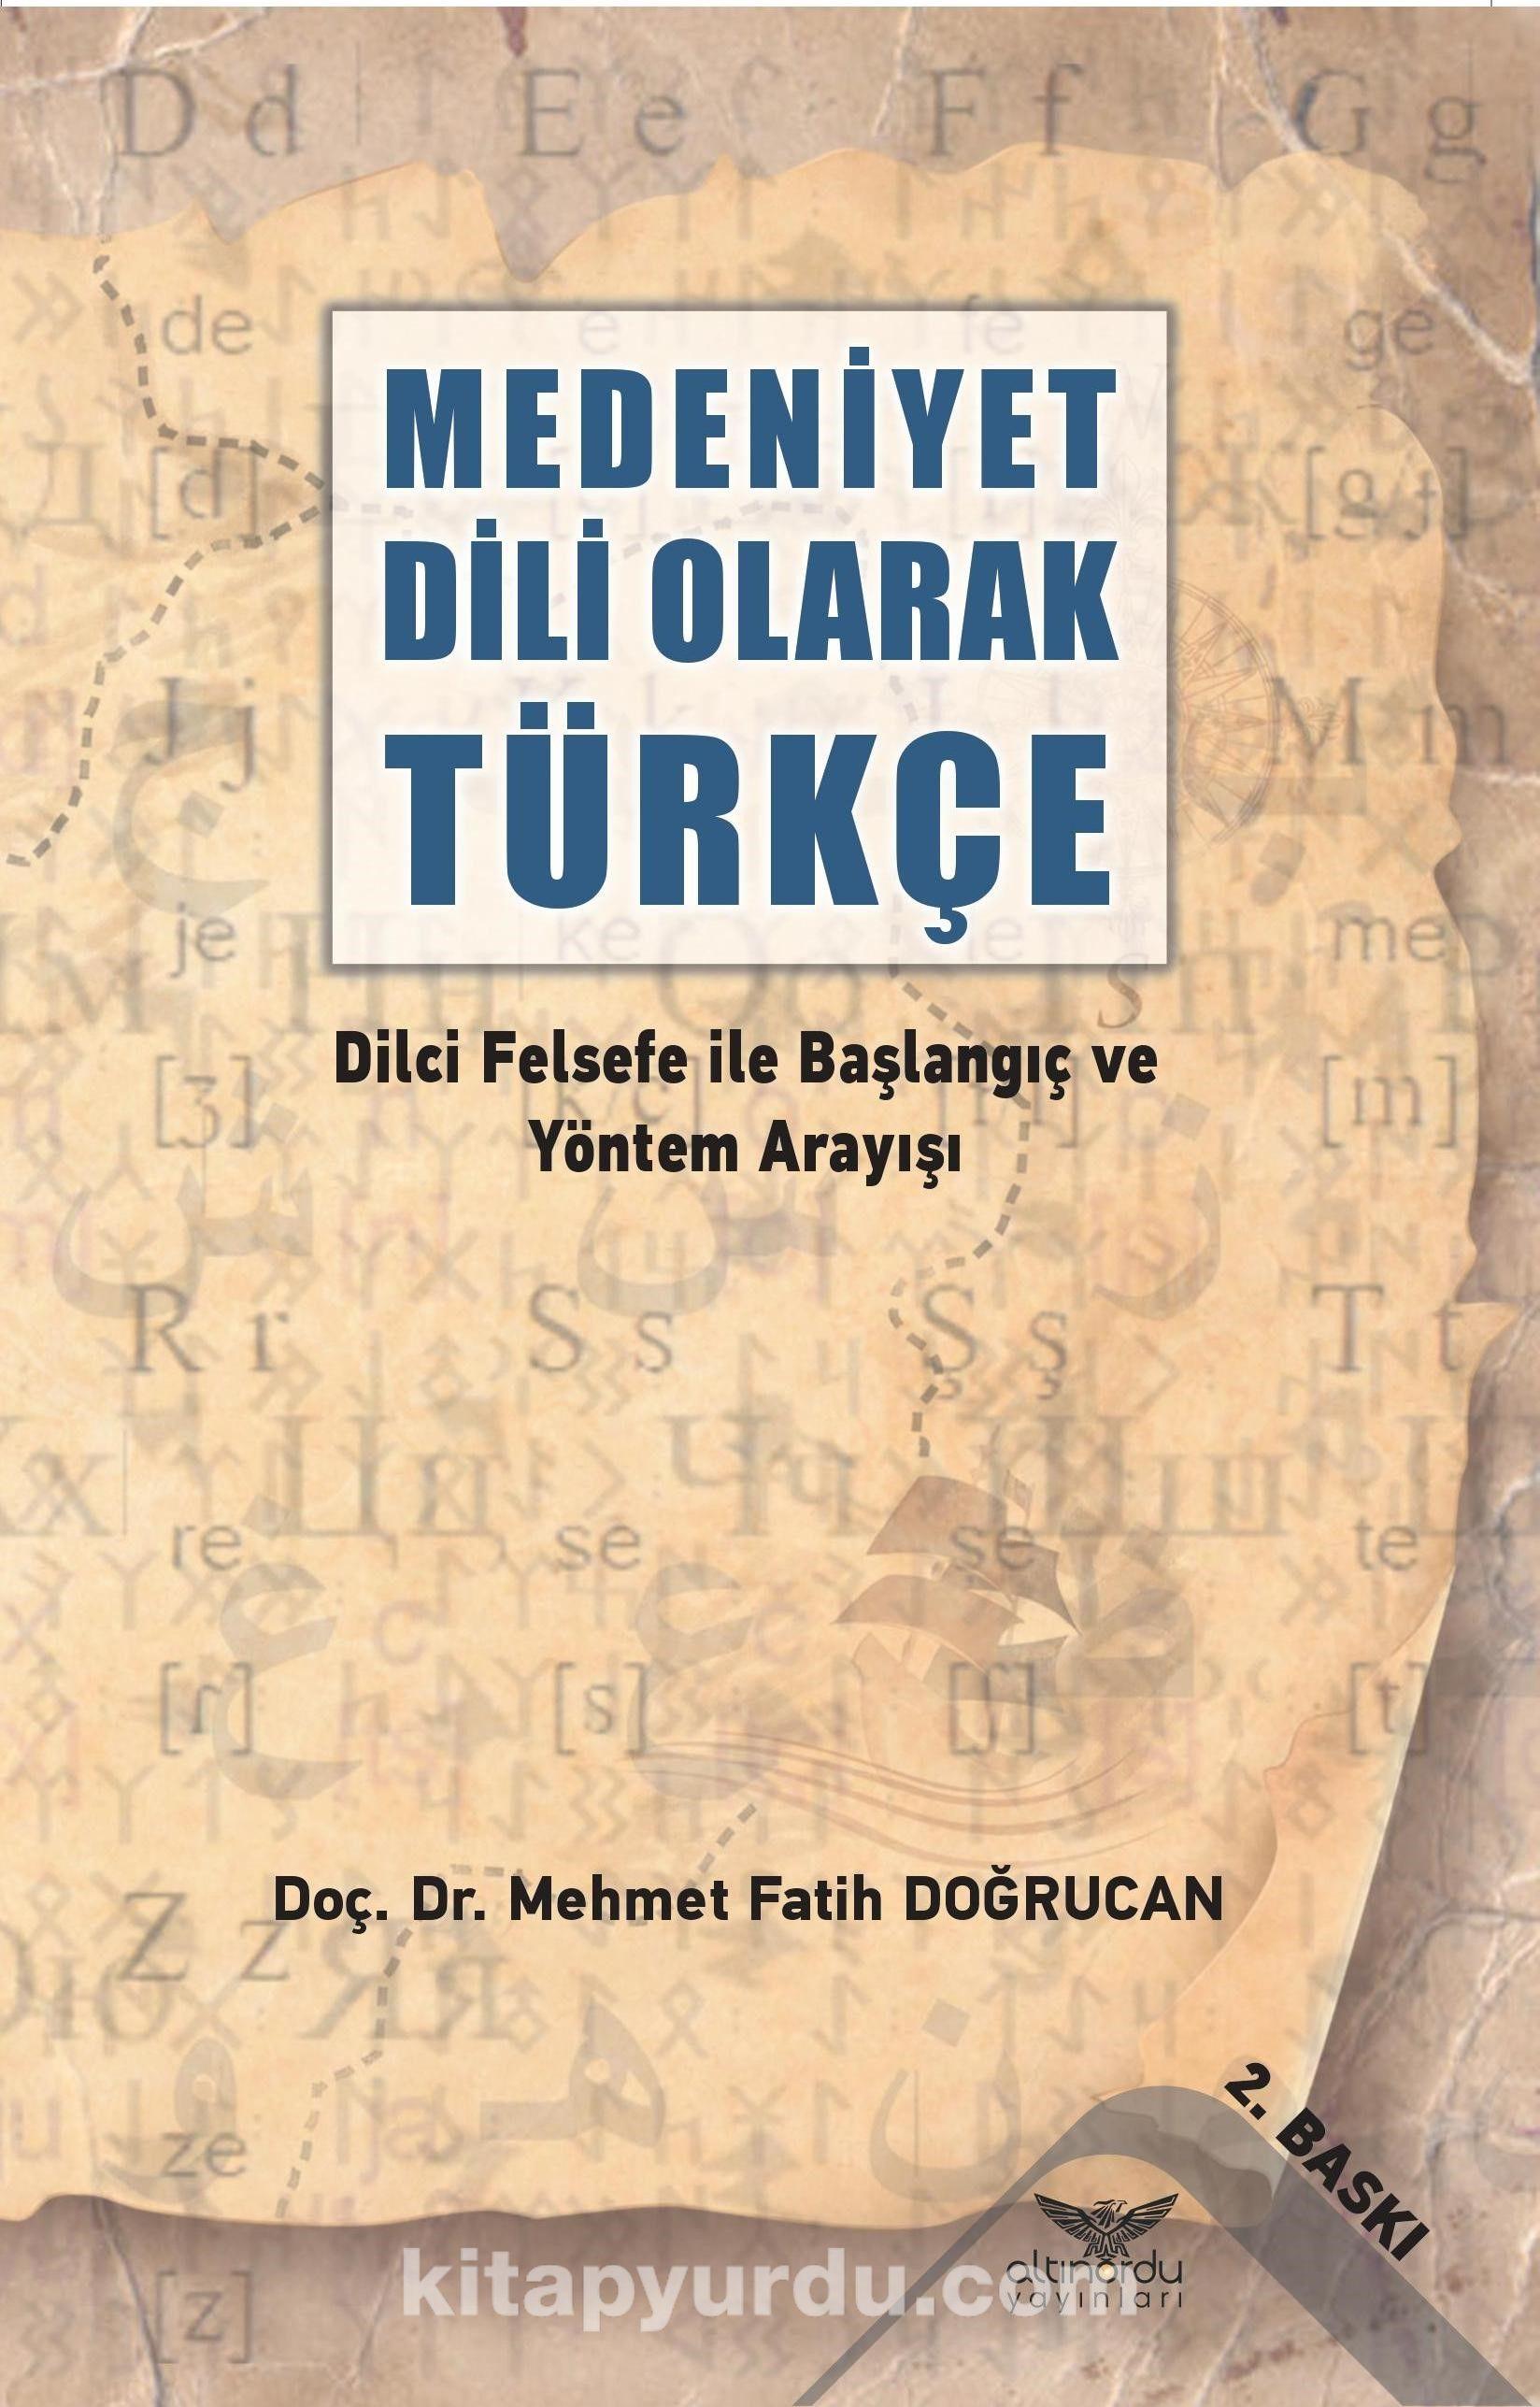 Medeniyet Dili Olarak TürkçeDilci Felsefe ile Başlangıç ve Yöntem Arayışı - Mehmet Fatih Doğrucan pdf epub